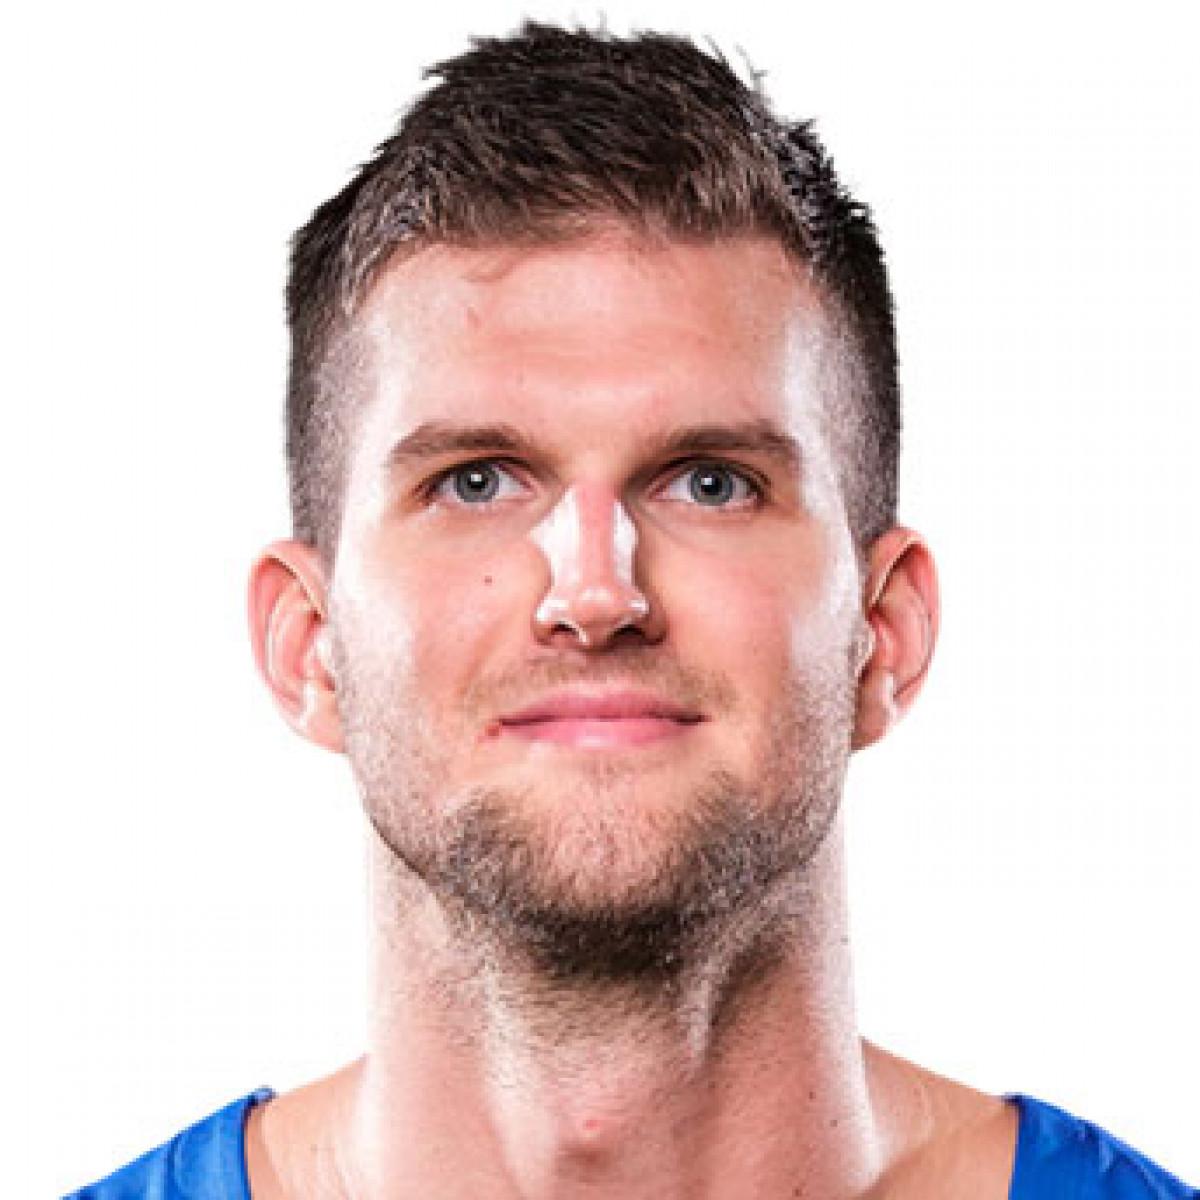 Lukas Palyza